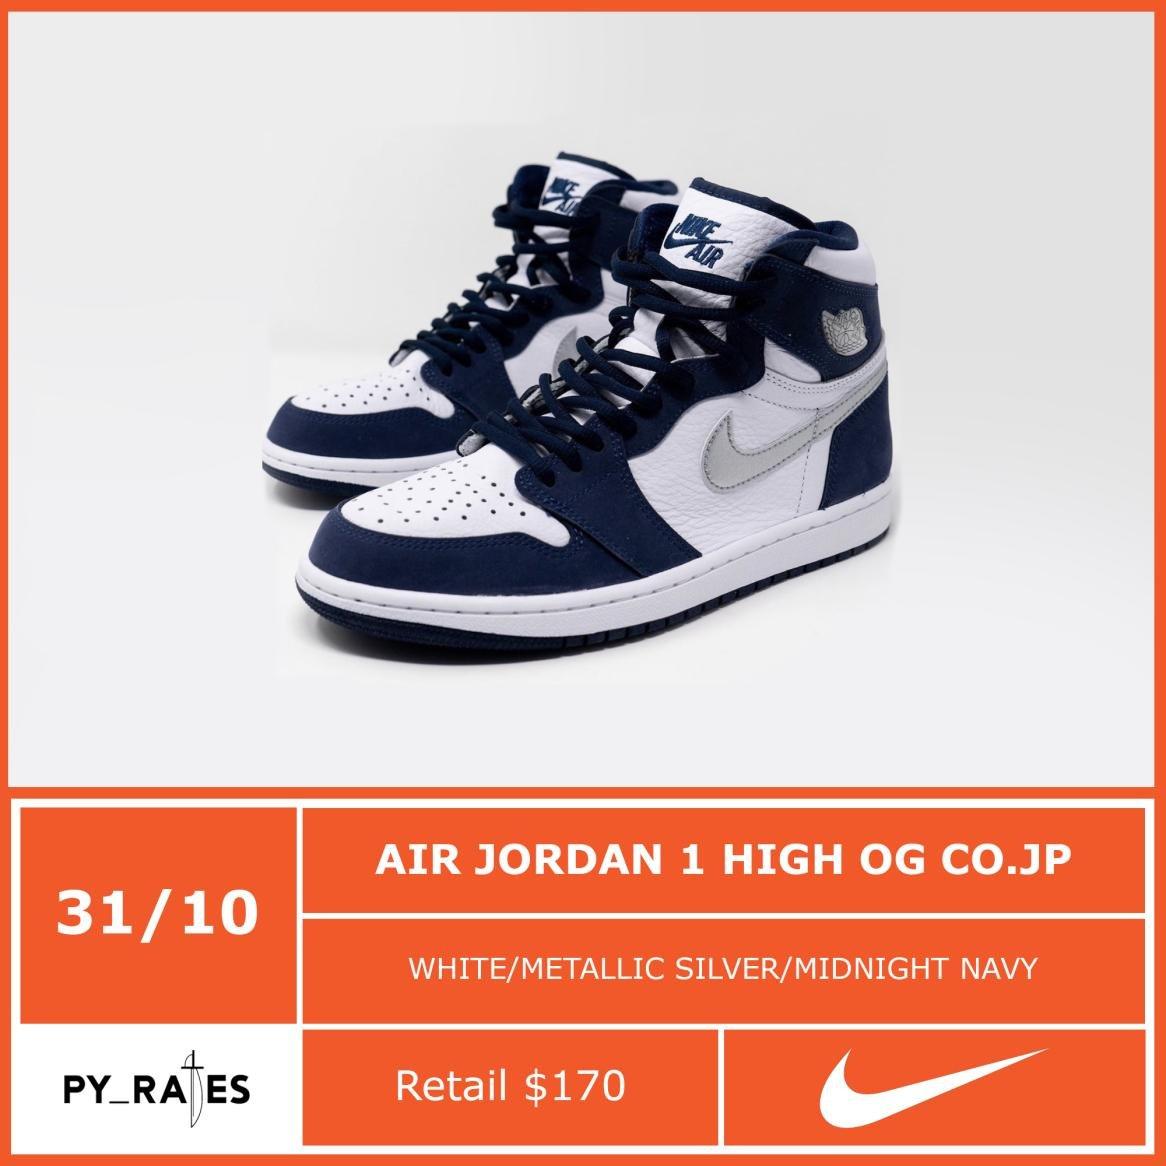 Air Jordan 1 High OG CO.JP Midnight Navy Release Date